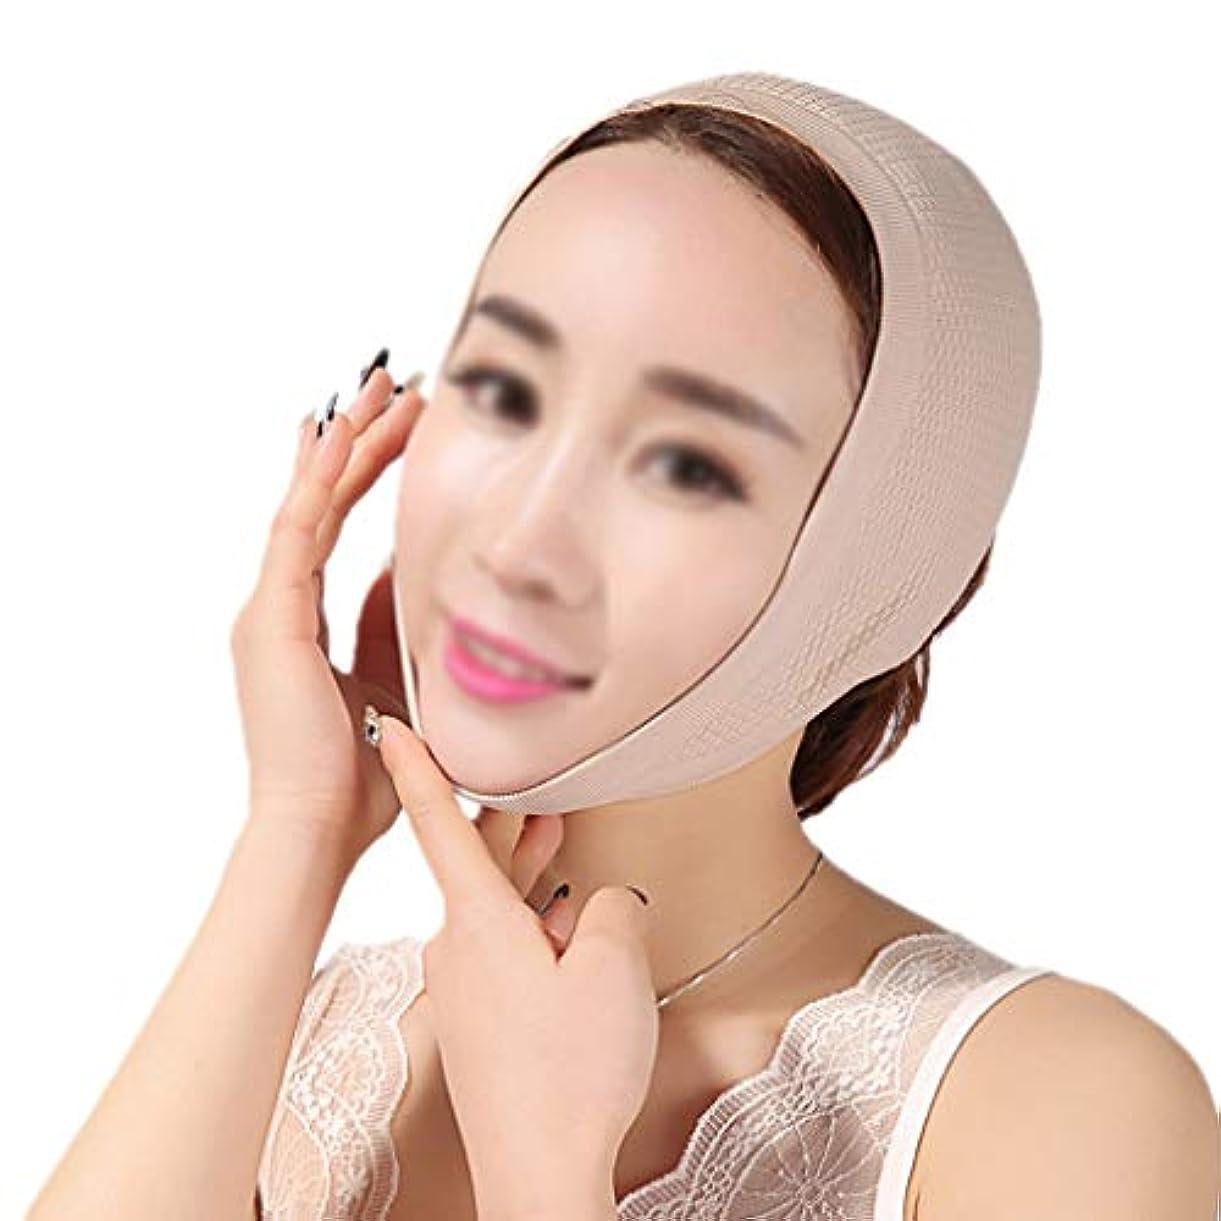 テンポ補充知らせるフェイスリフティングマスク、フェイスリフティング包帯、しわ防止マスク、フェイスリフティングベルト(ワンサイズ)